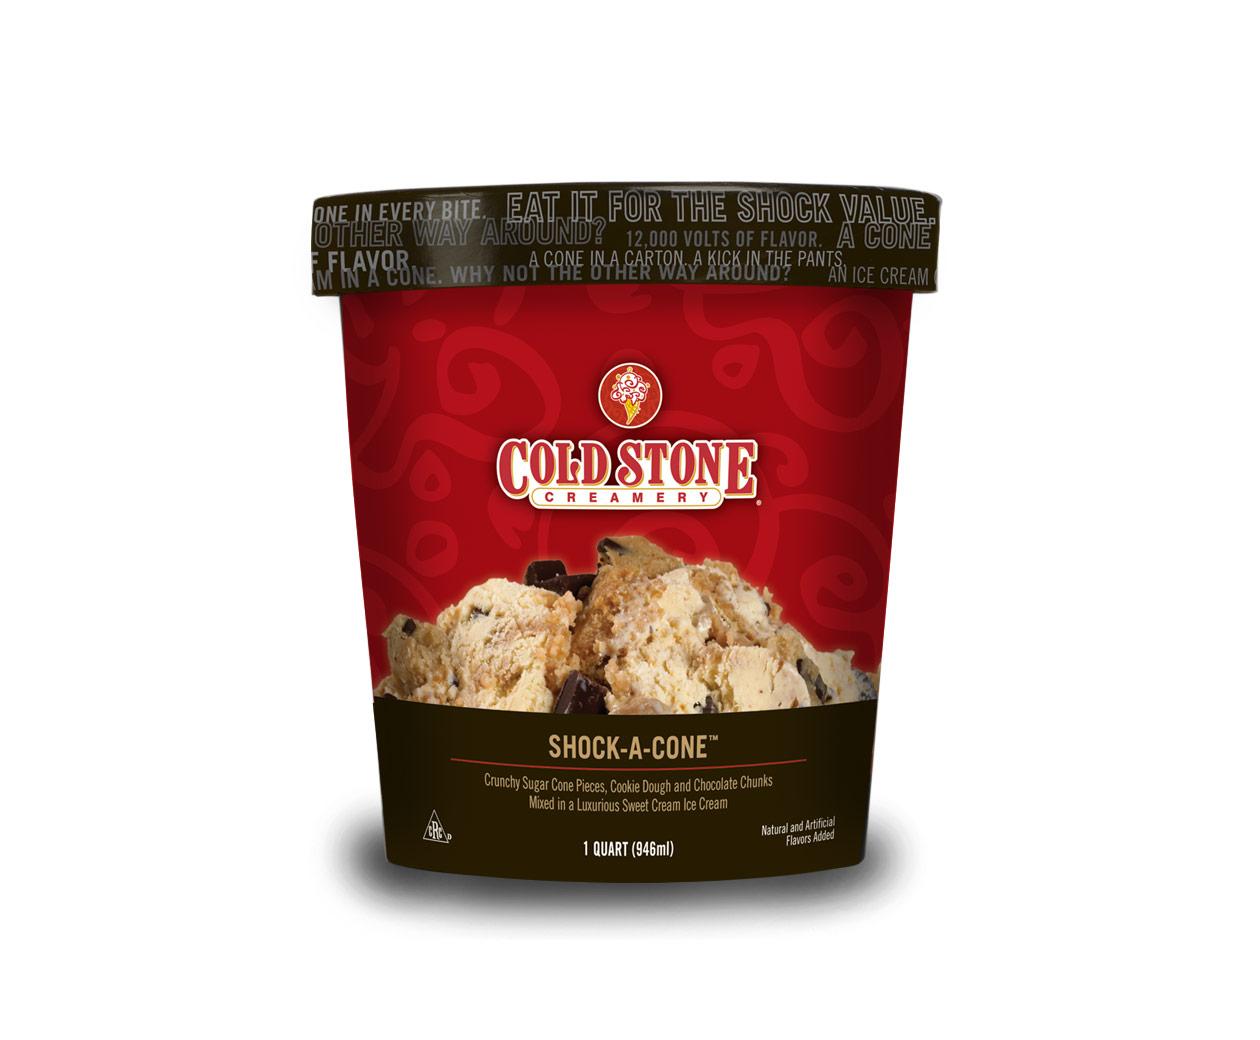 Cold Stone Creamery Pre Packed Shock A Cone Ice Cream